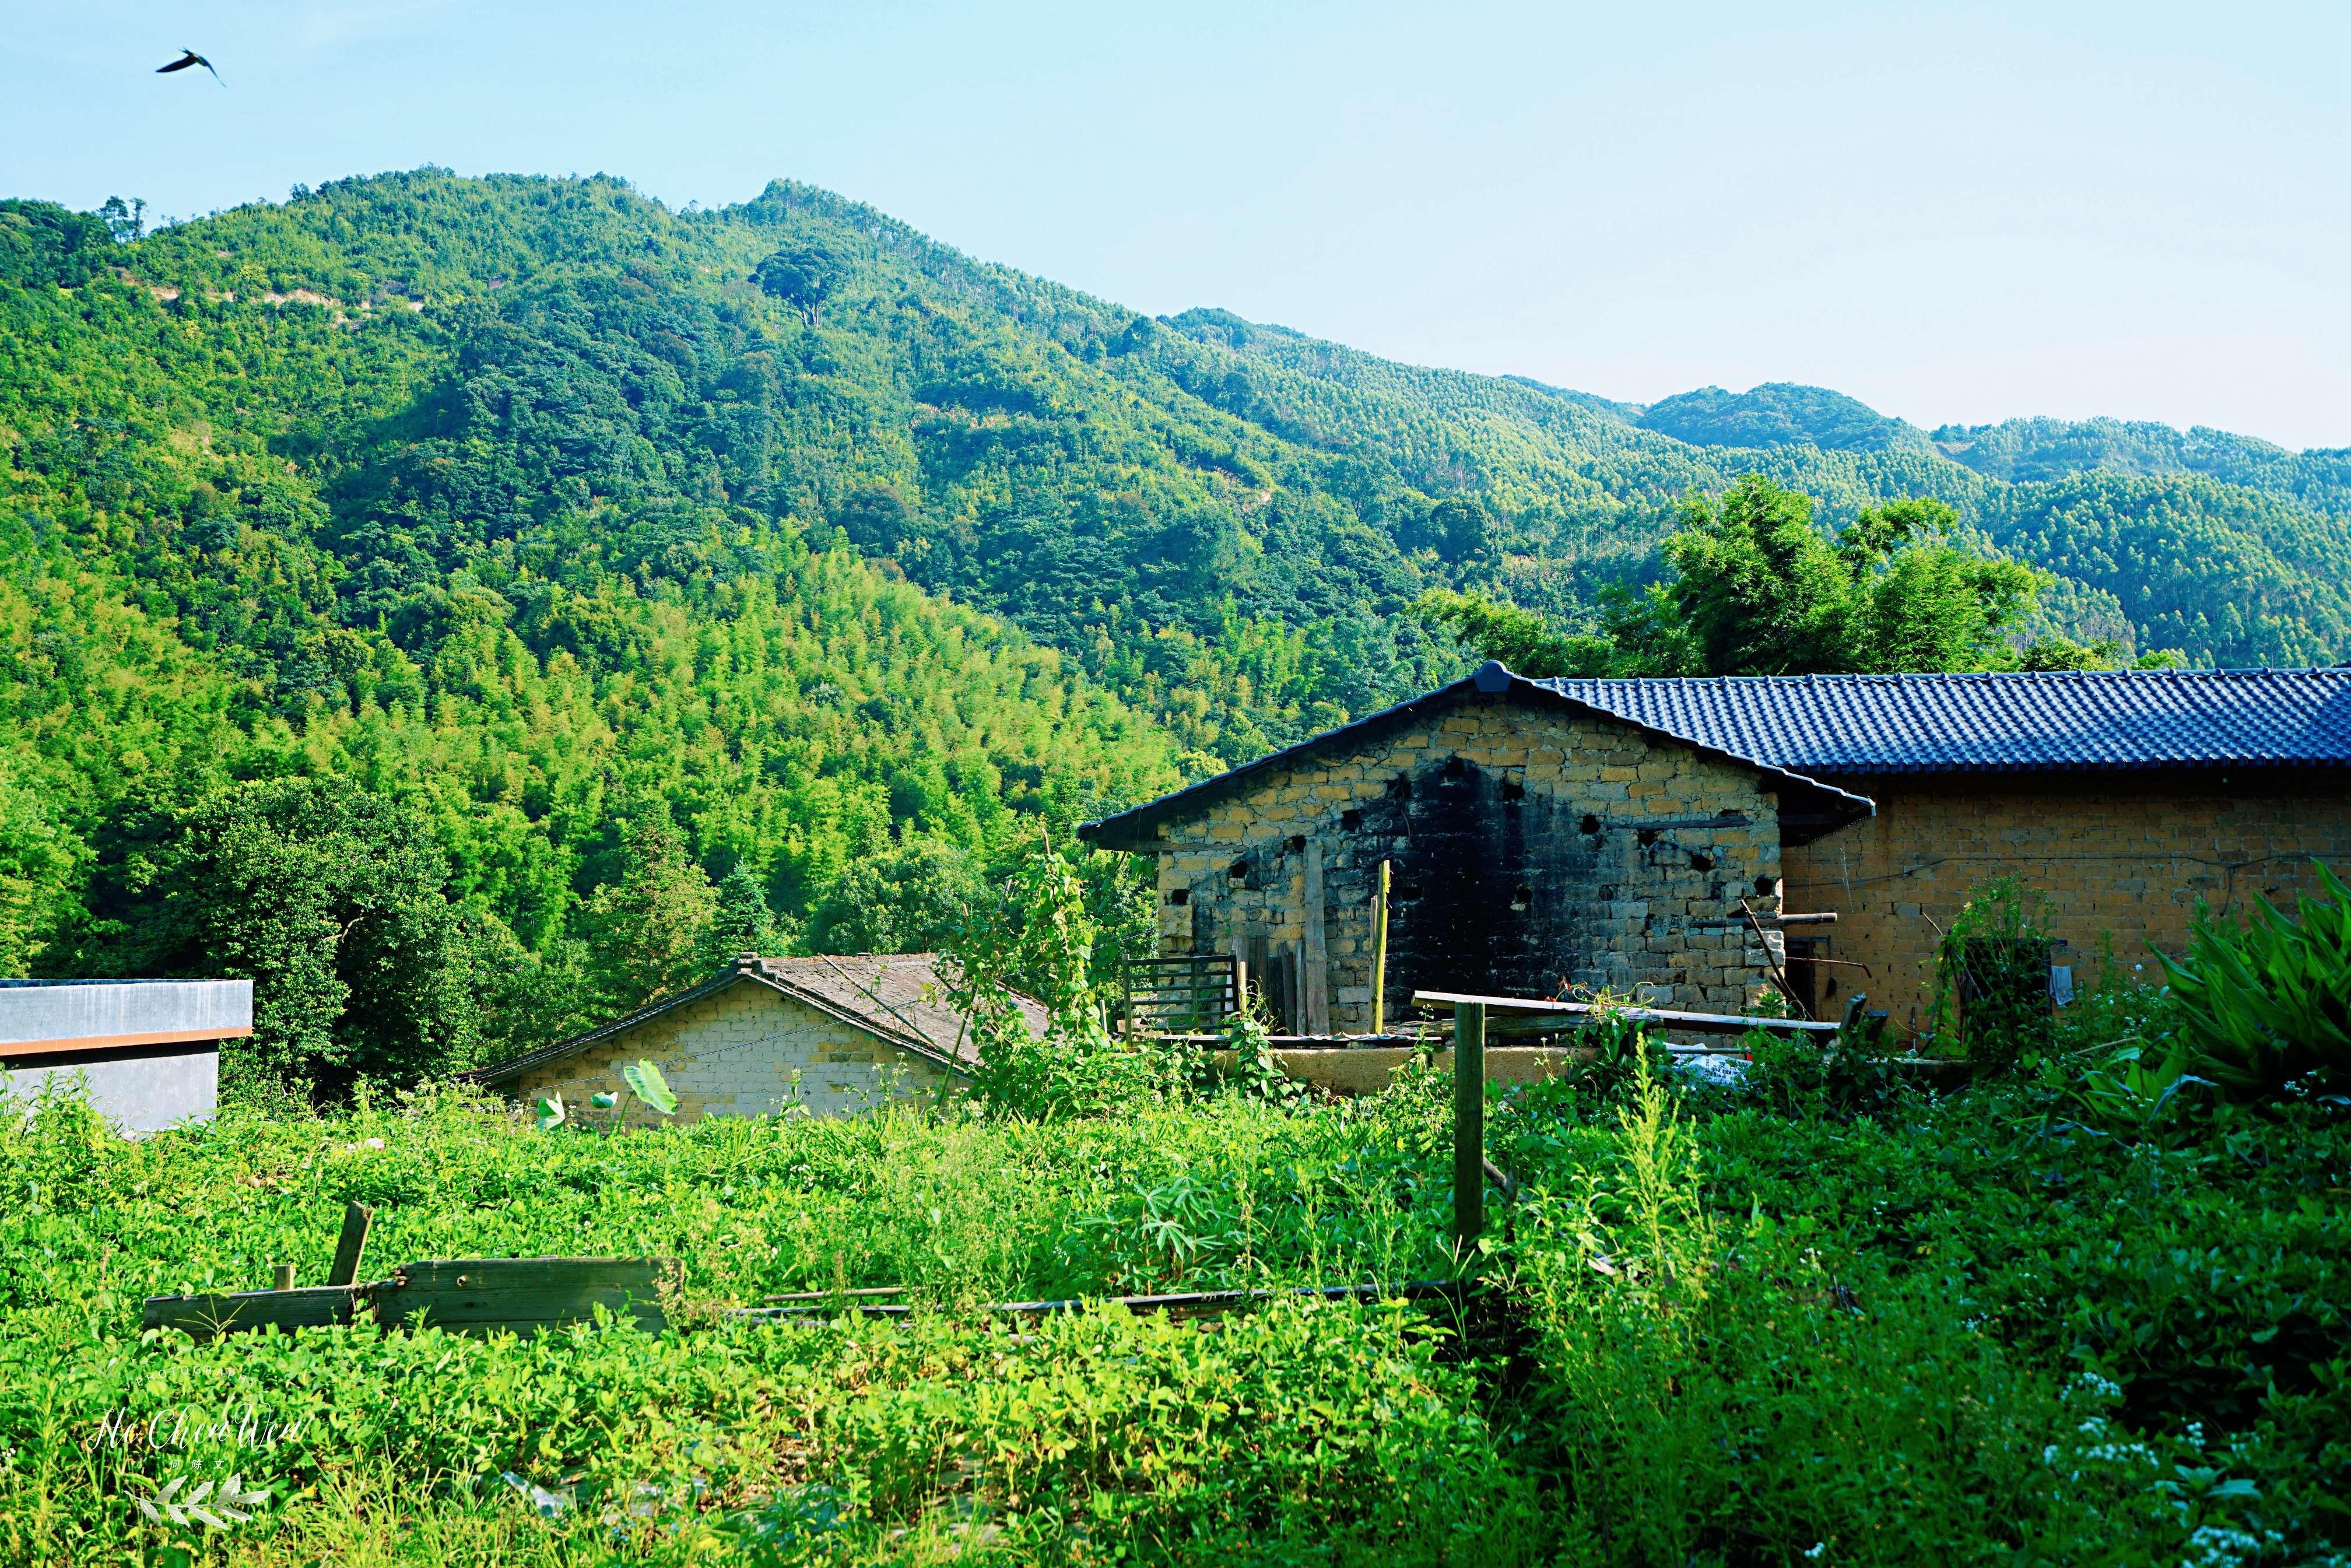 原创             广东的一个小山村,风光秀丽,人杰地灵,更是避暑天堂